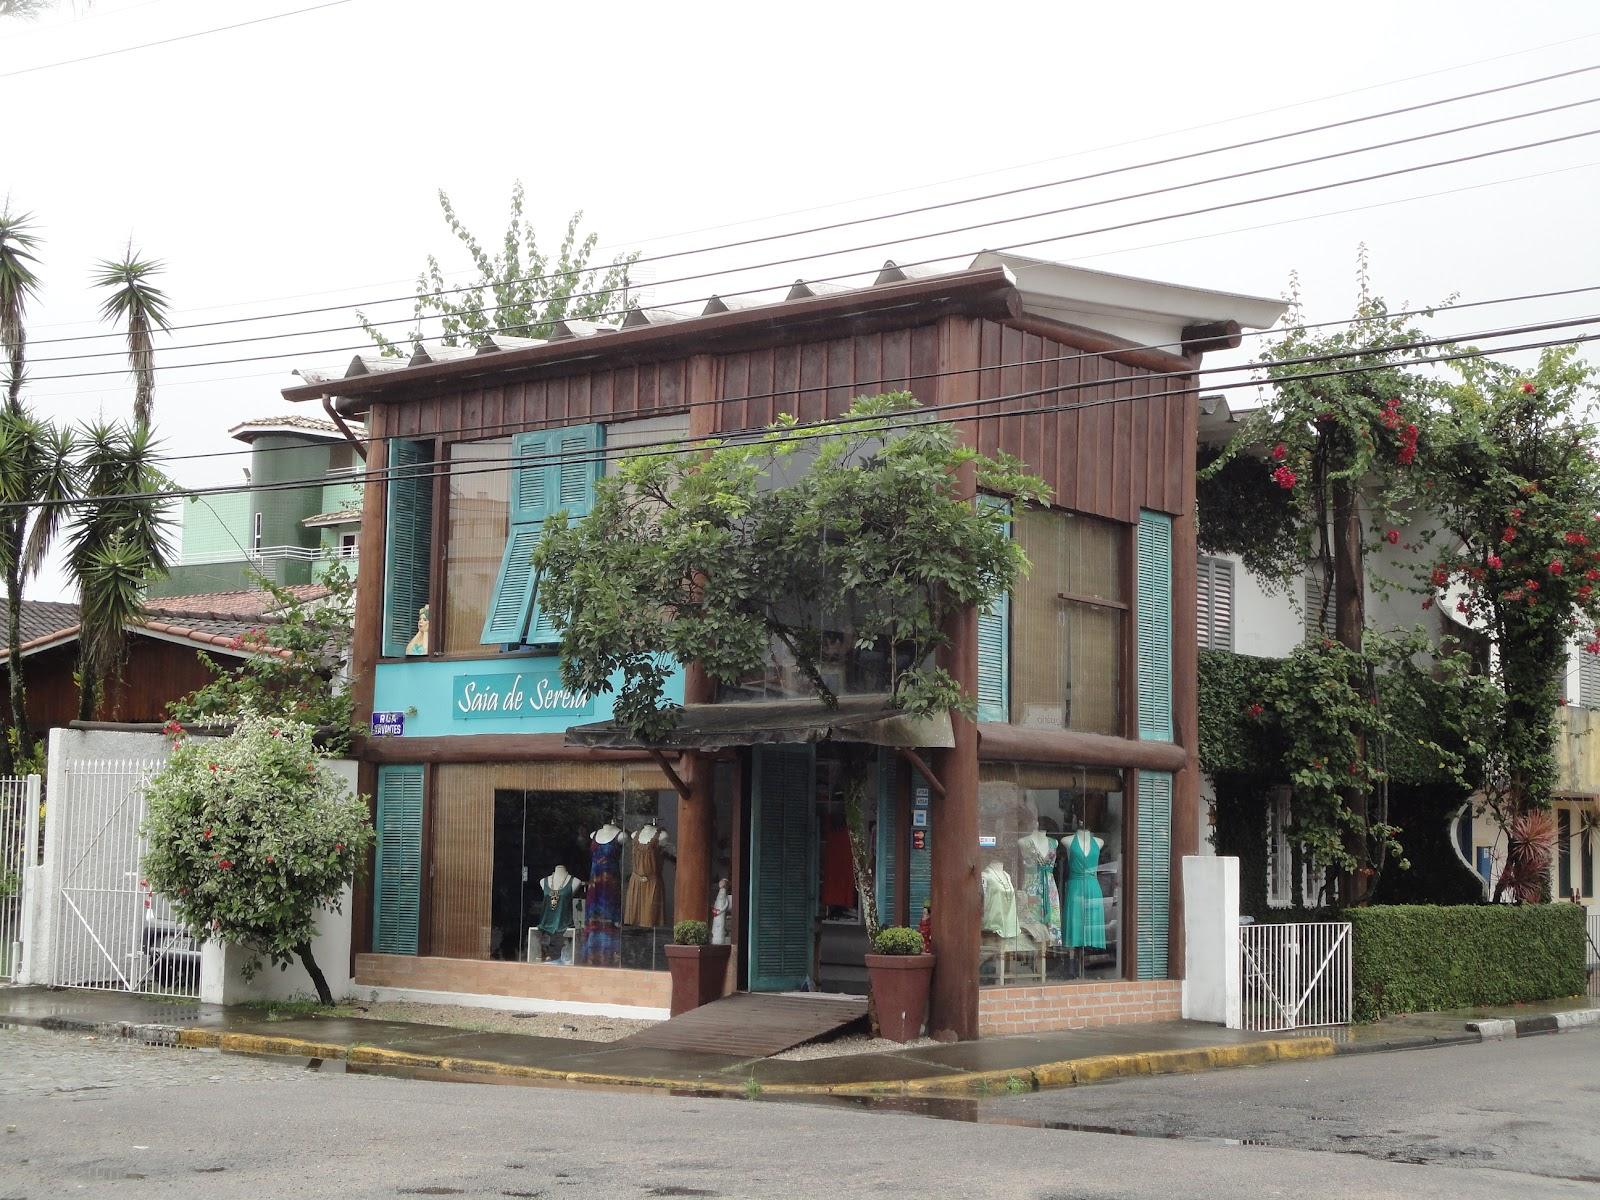 Loja Artesanato Ubatuba ~ VENDO CASA LOJA UBATUBA